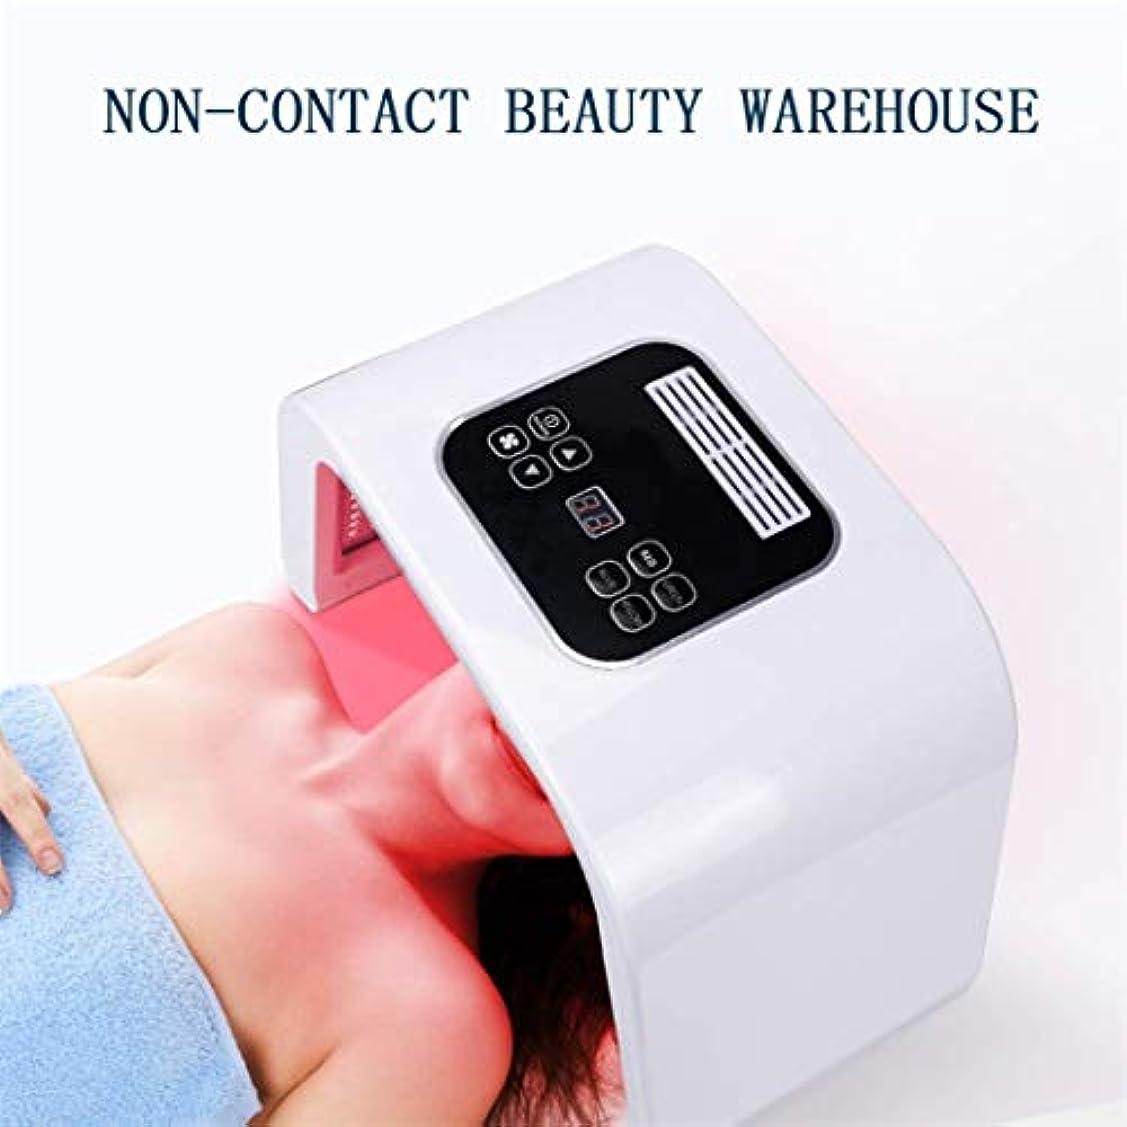 ラショナルハーブ偶然LZPZP 美容マシンにきびリムーバーアンチリンクル7色LEDの肌の若返りPDT療法 LZPZP